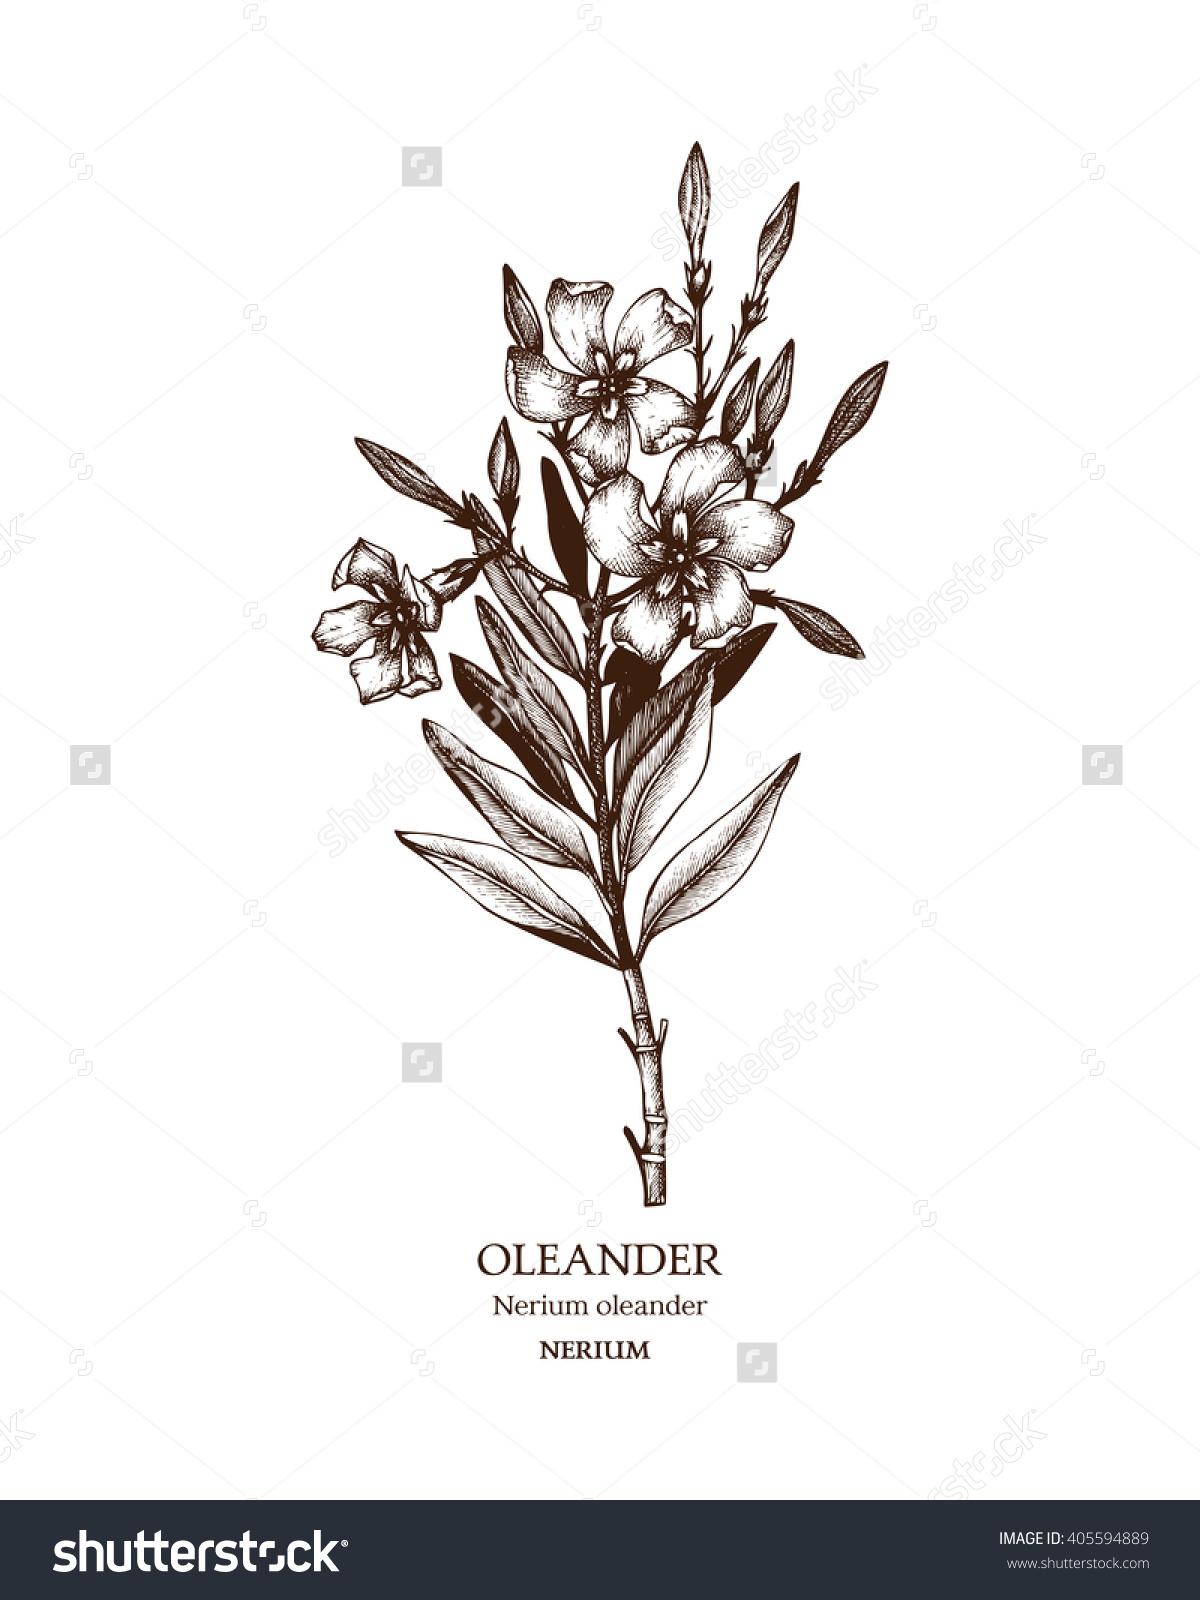 Botanical Illustration Oleander Vintage Hand Drawn Stock Vector.